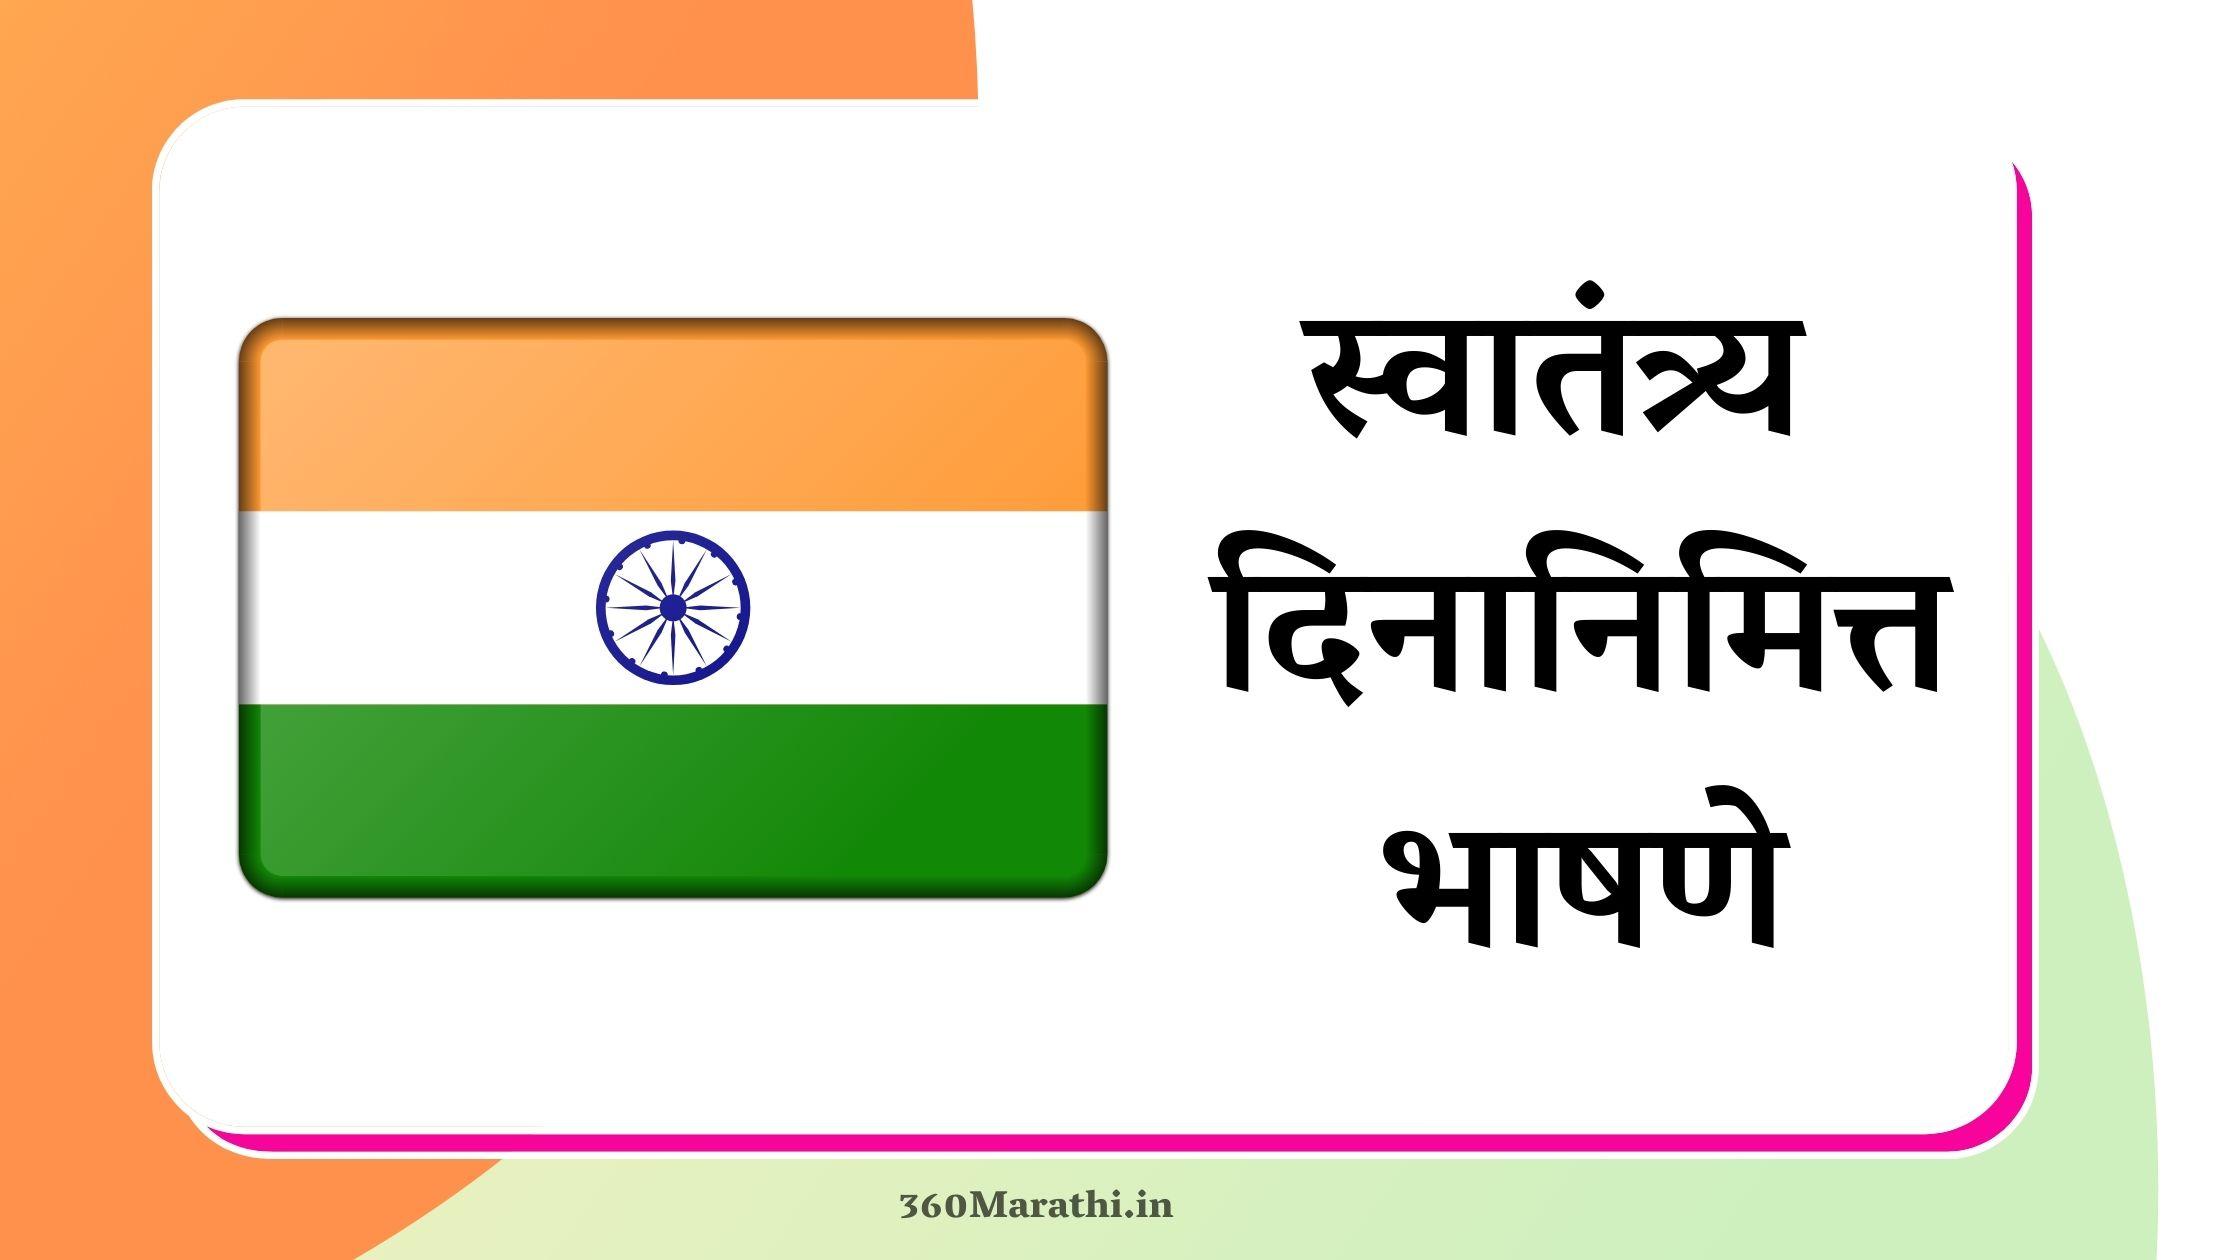 स्वातंत्र्य दिनानिमित्त ५ उत्स्फूर्त भाषणे   Independence day speech in Marathi   १५ ऑगस्ट स्वातंत्र्य दिन भाषण